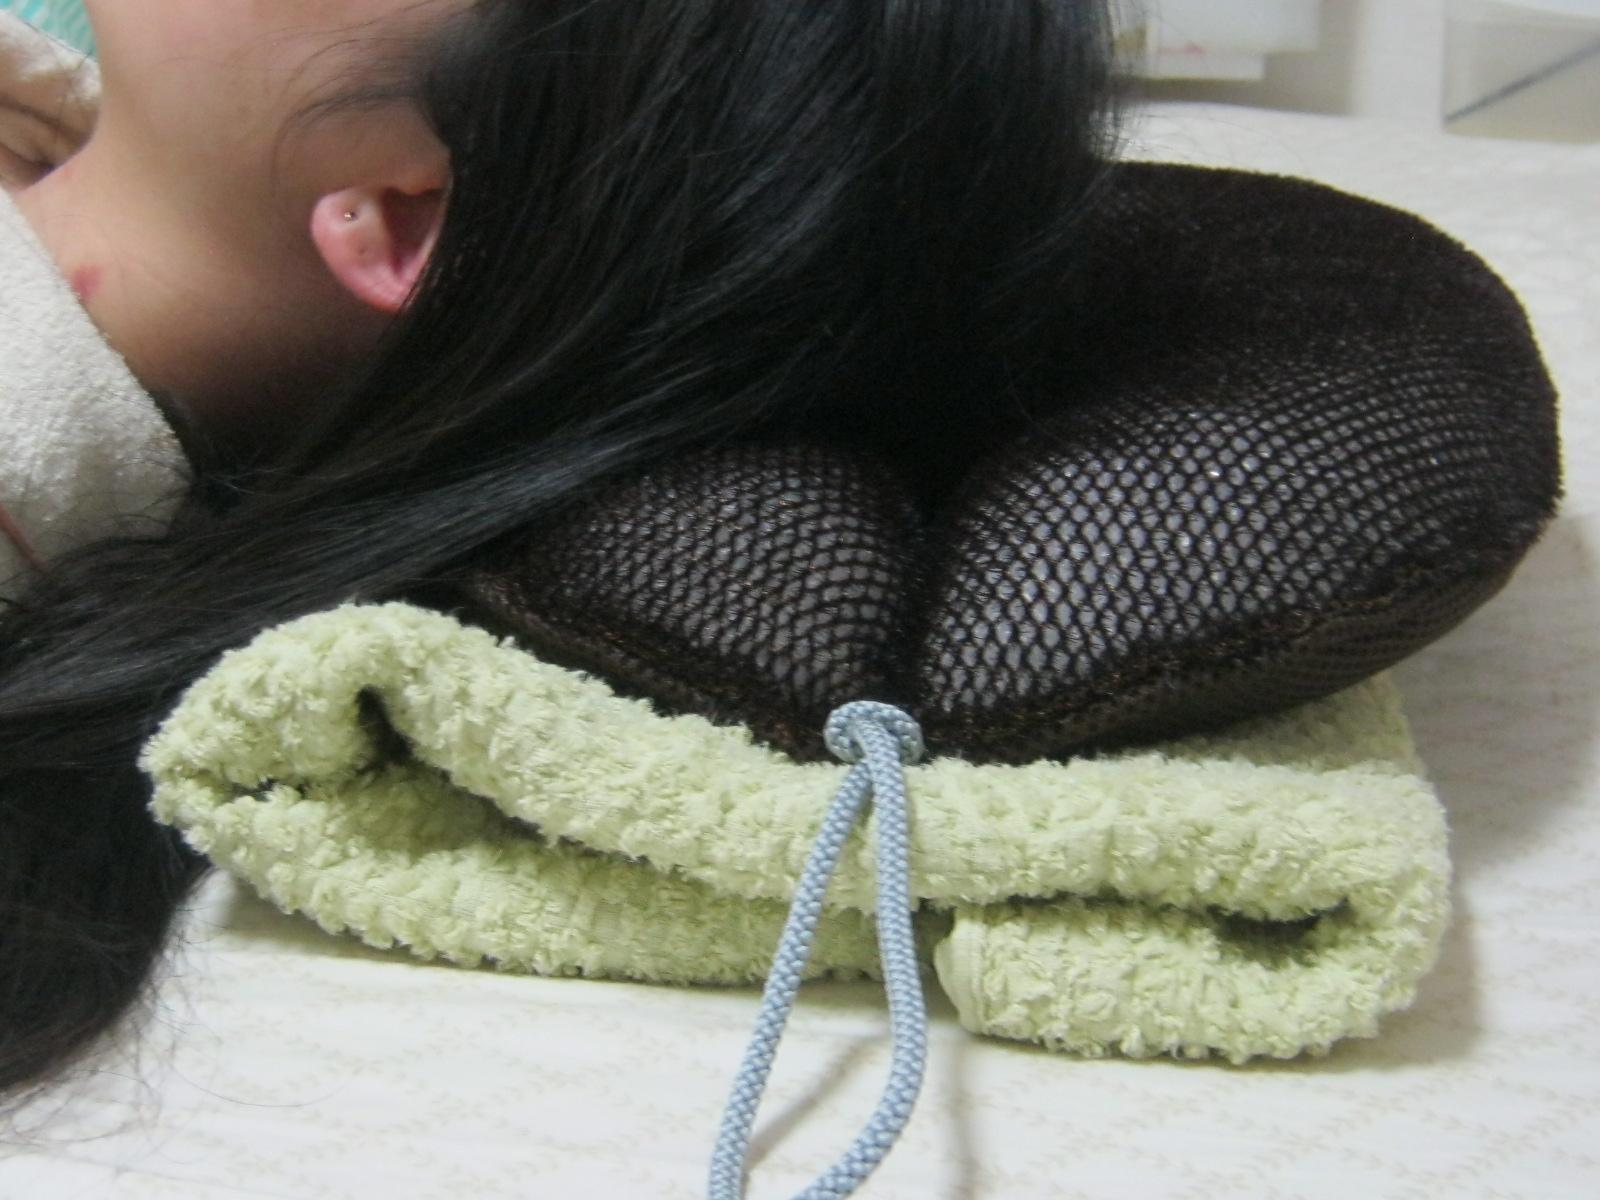 【睡眠用たわし分解レビュー】口コミで話題の機能も分解して検証してみた!